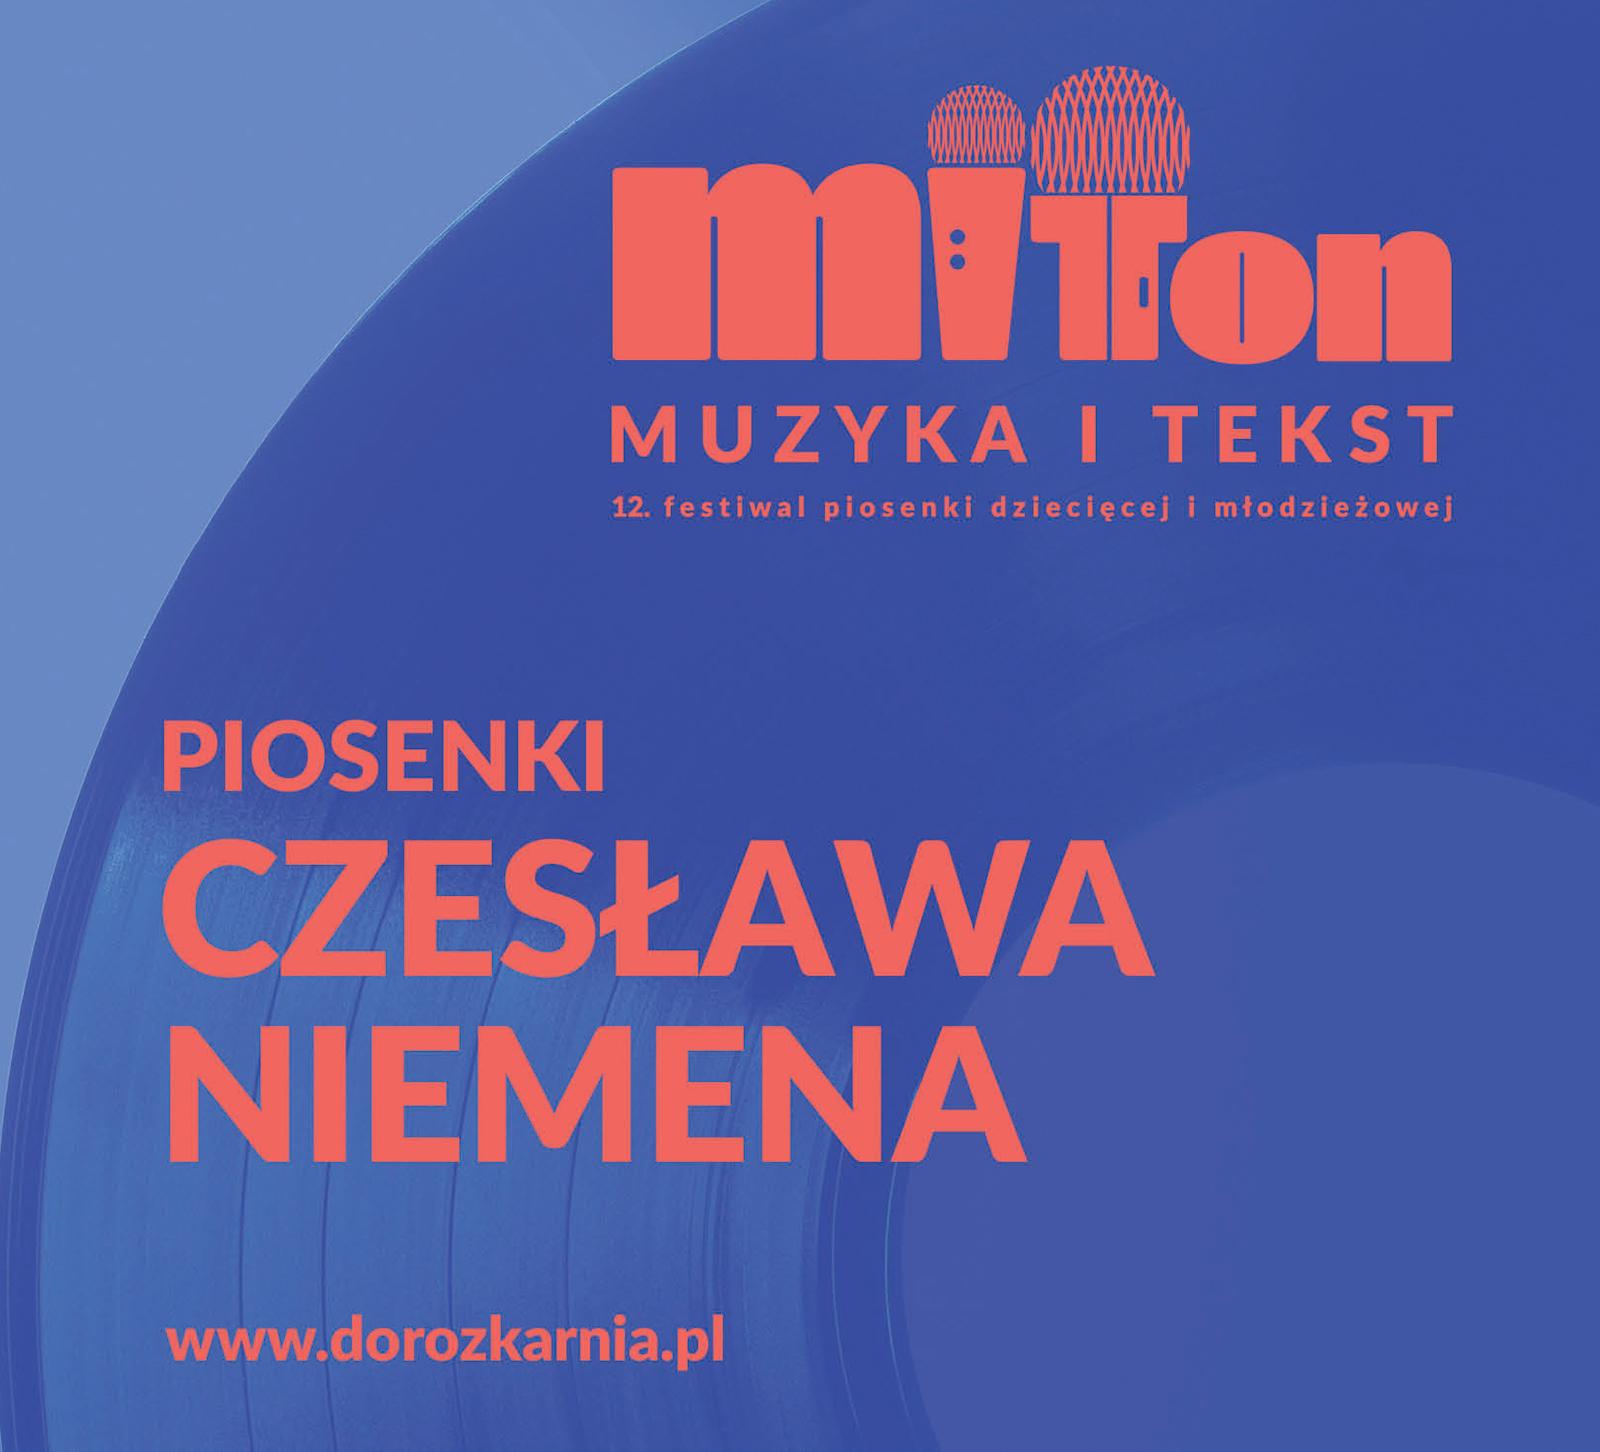 Piosenki Czeslawa Niemena Dorozkarnia